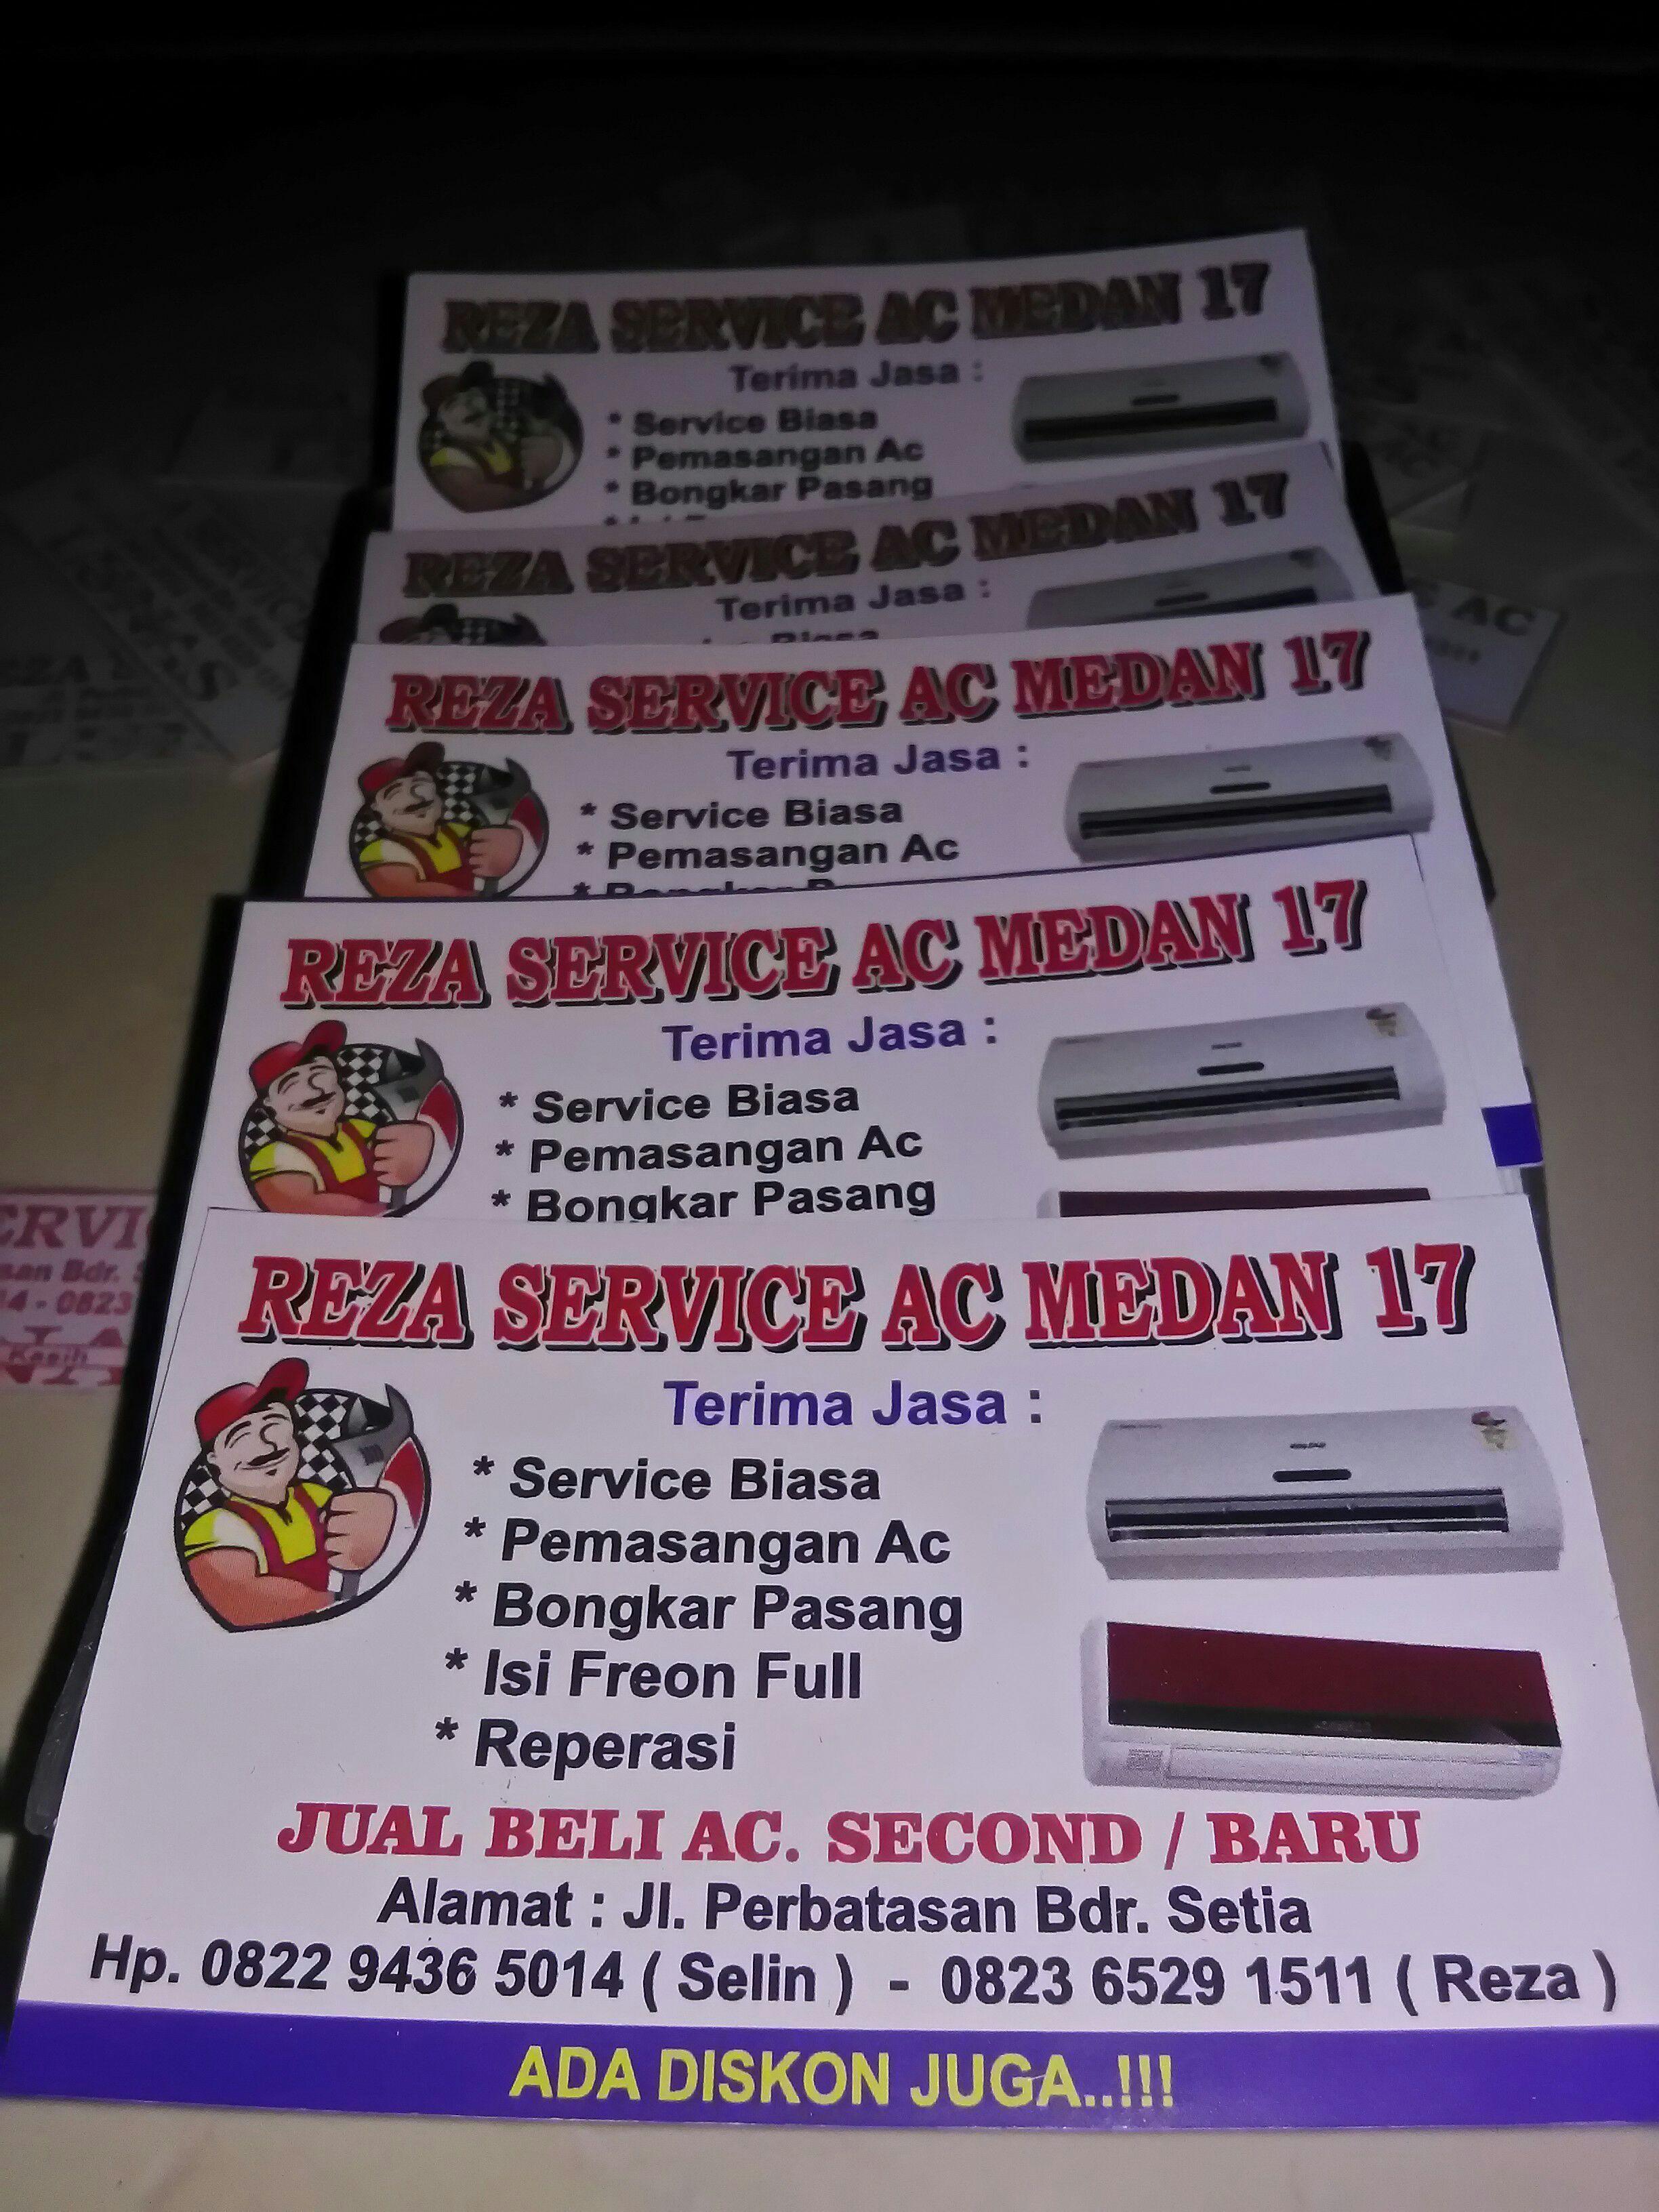 Reza service medan 17